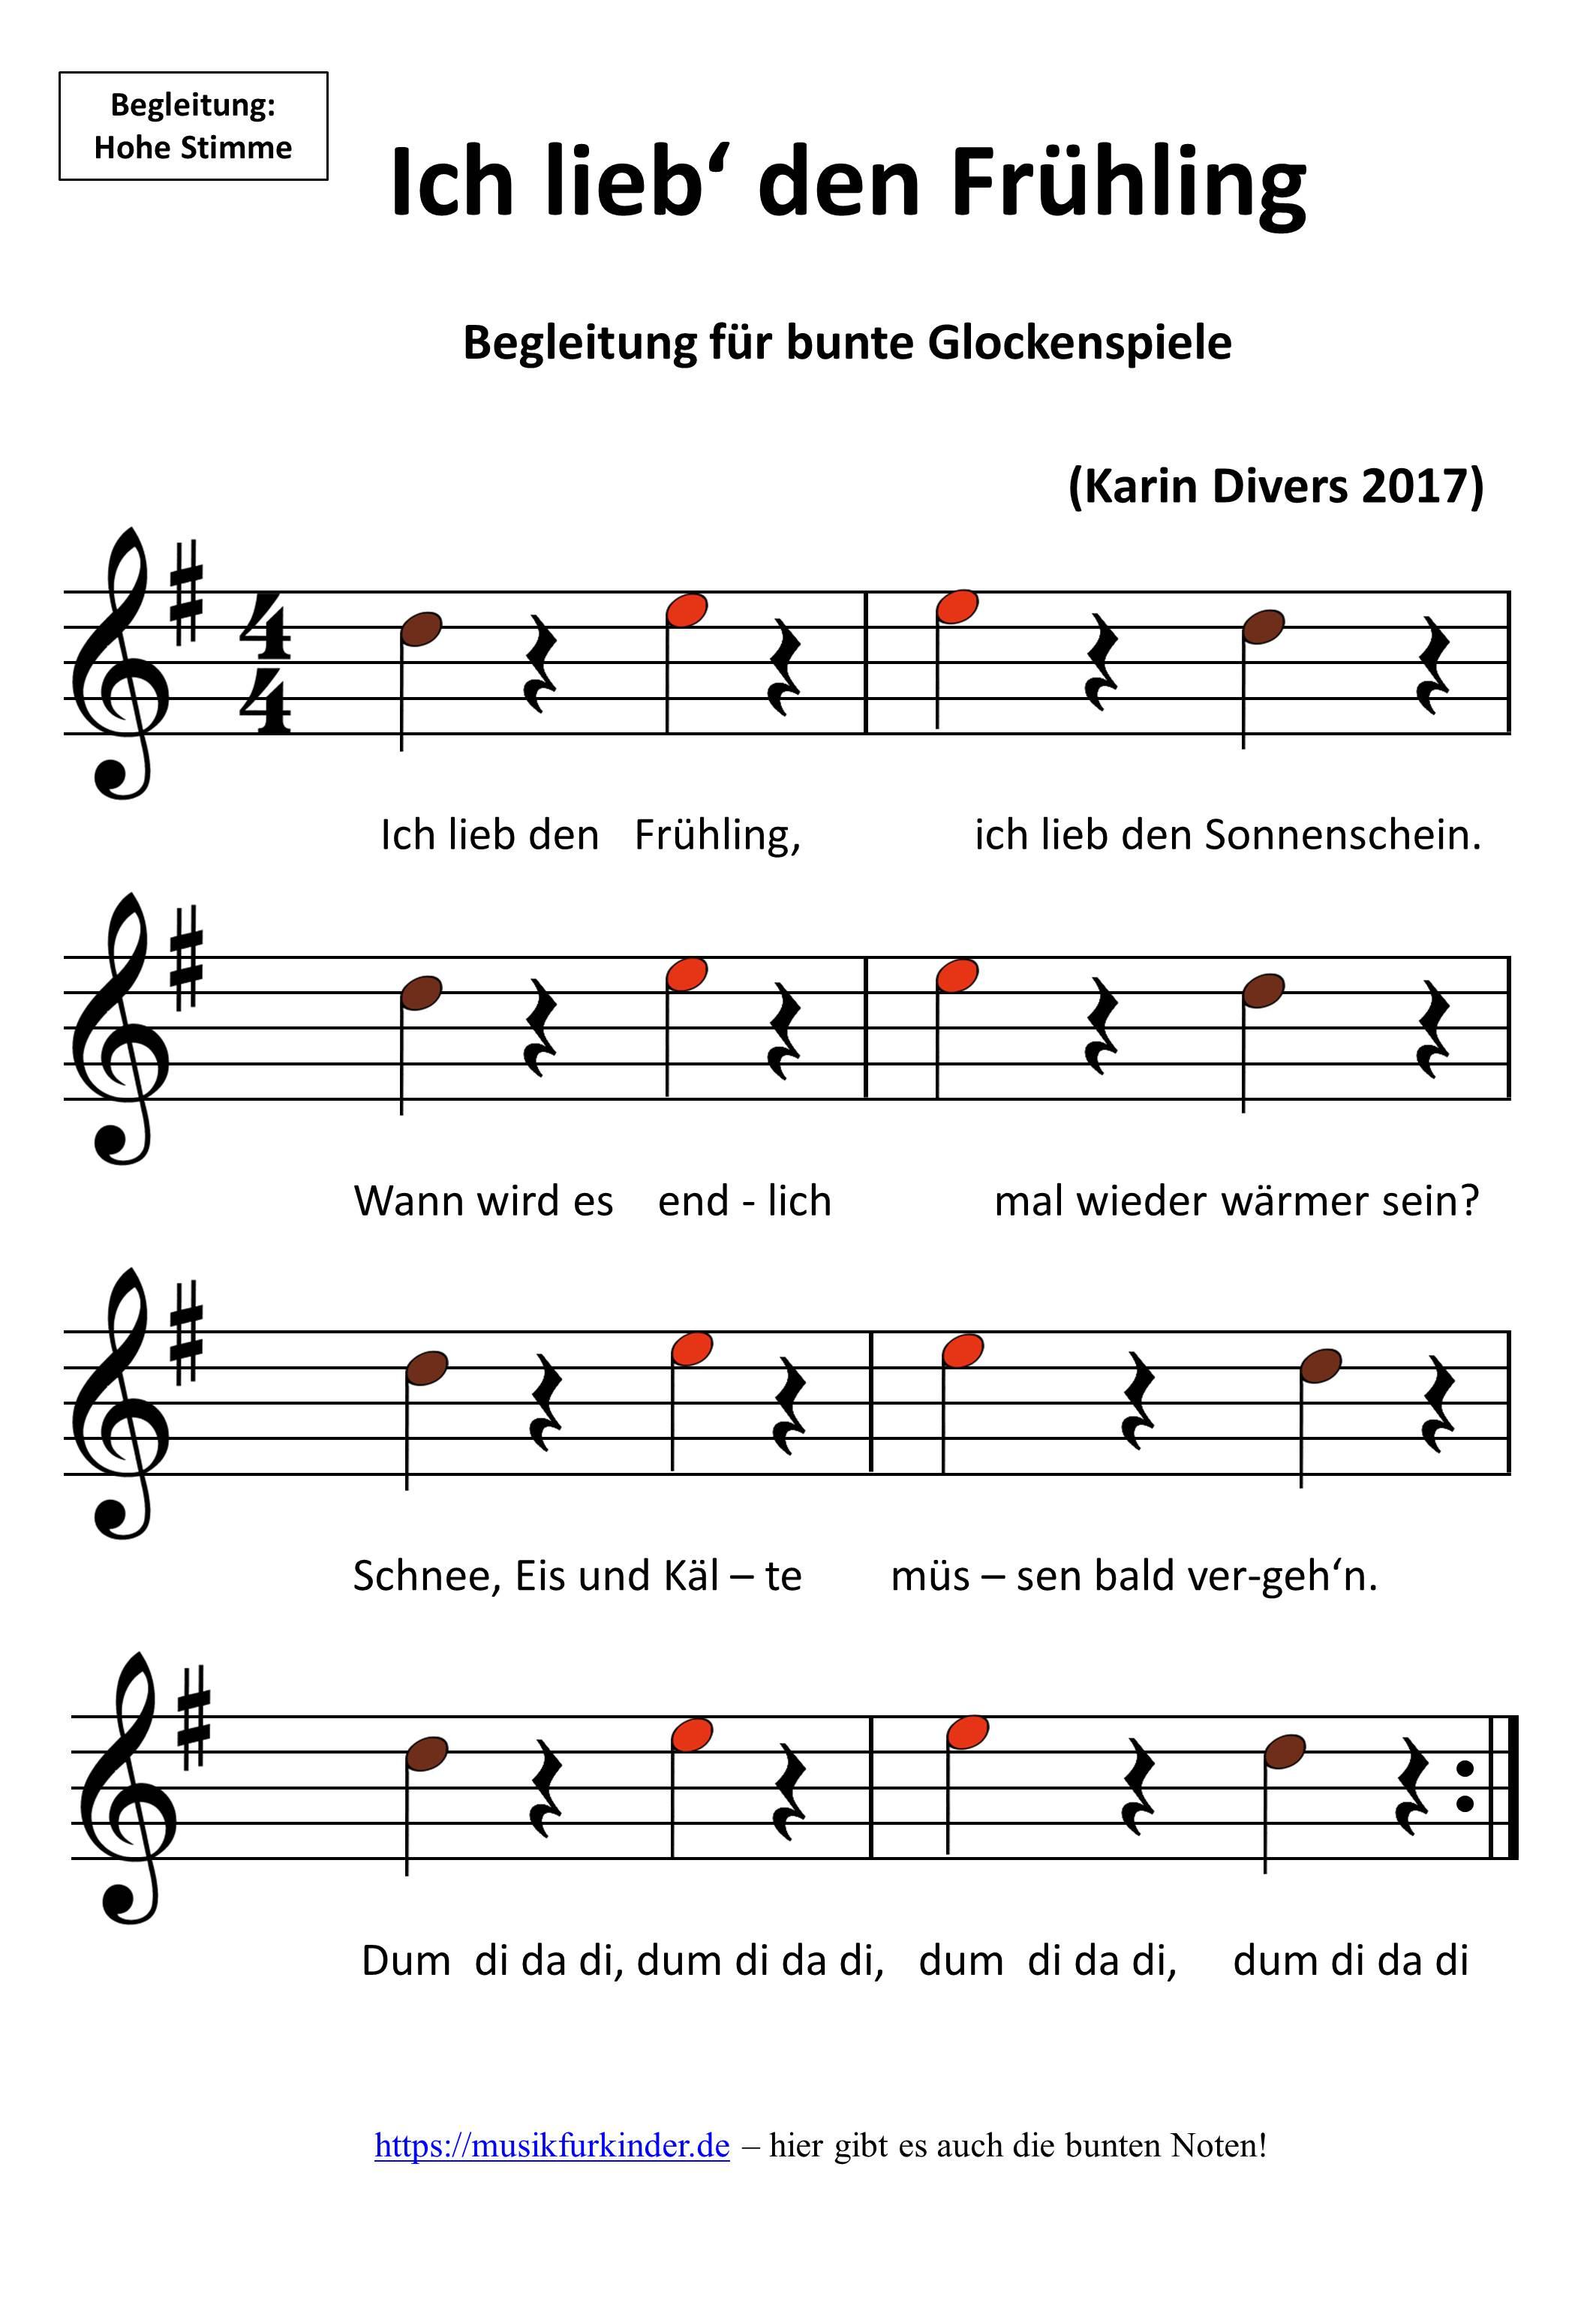 Glockenspiel Weihnachtslieder Noten Kostenlos.Ich Lieb Den Frühling Noten Musik Für Kinder